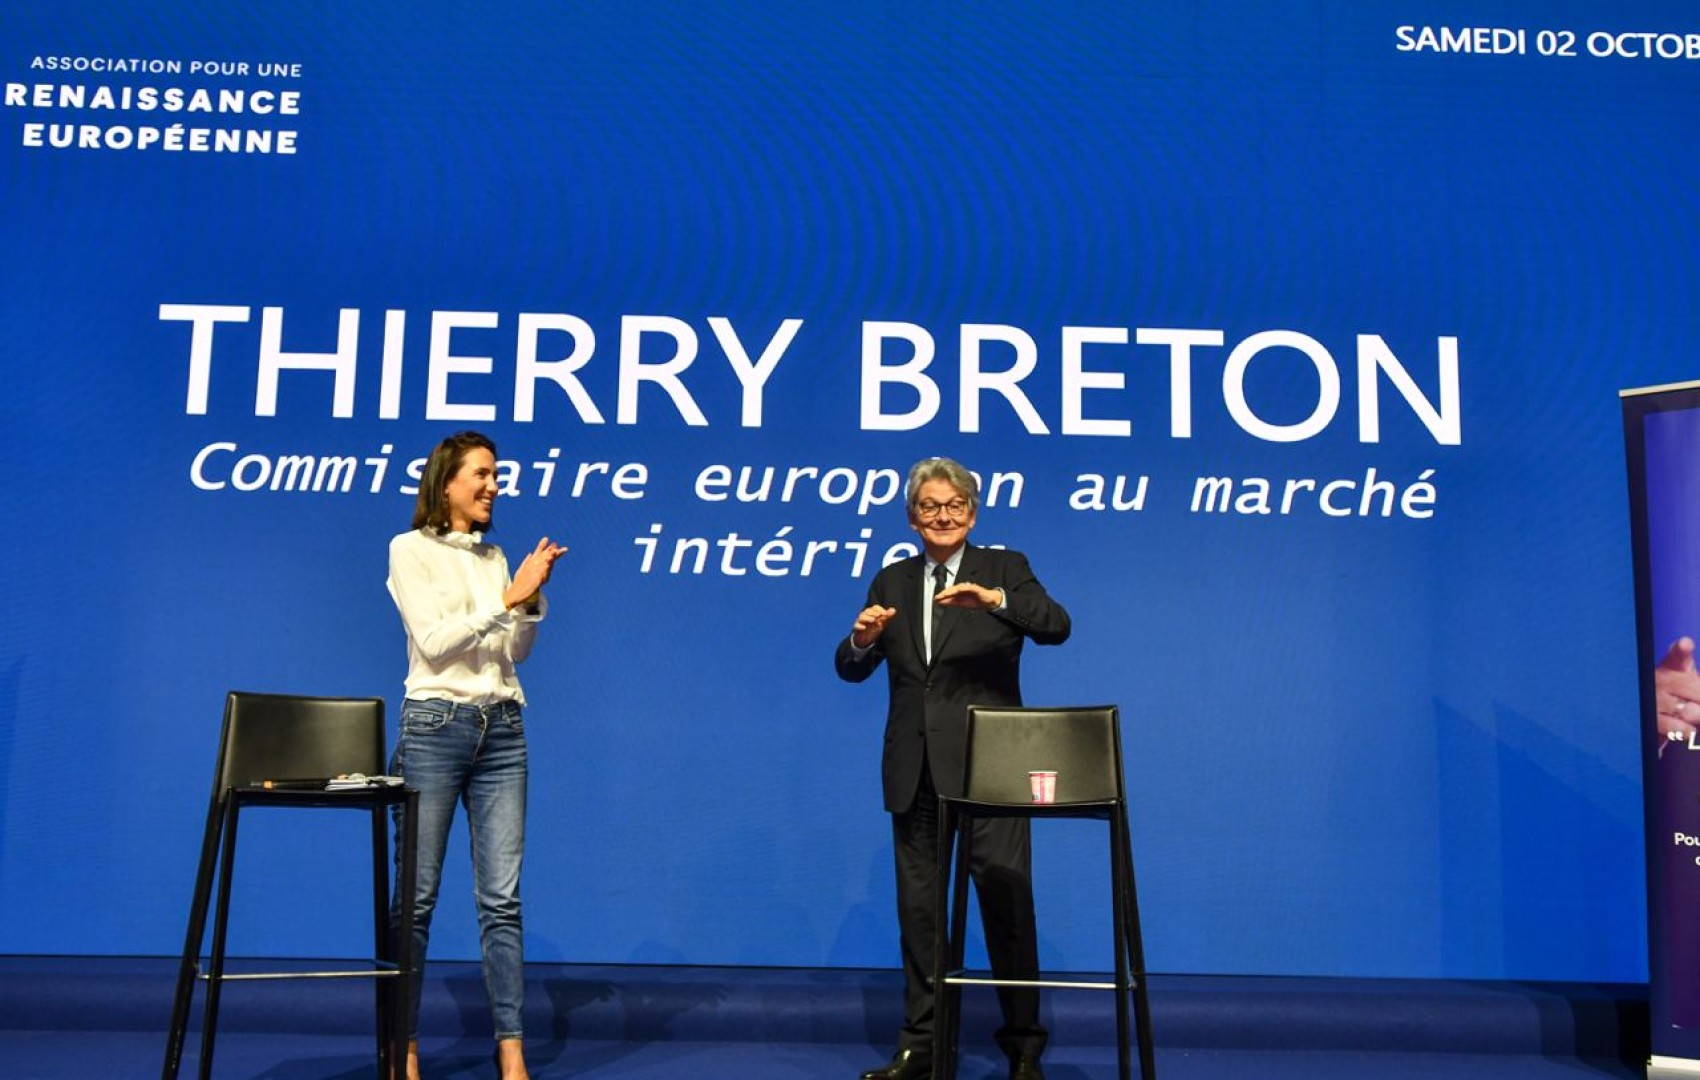 Campus de la Majorité : Thierry Breton, invité spécial de Renaissance européenne